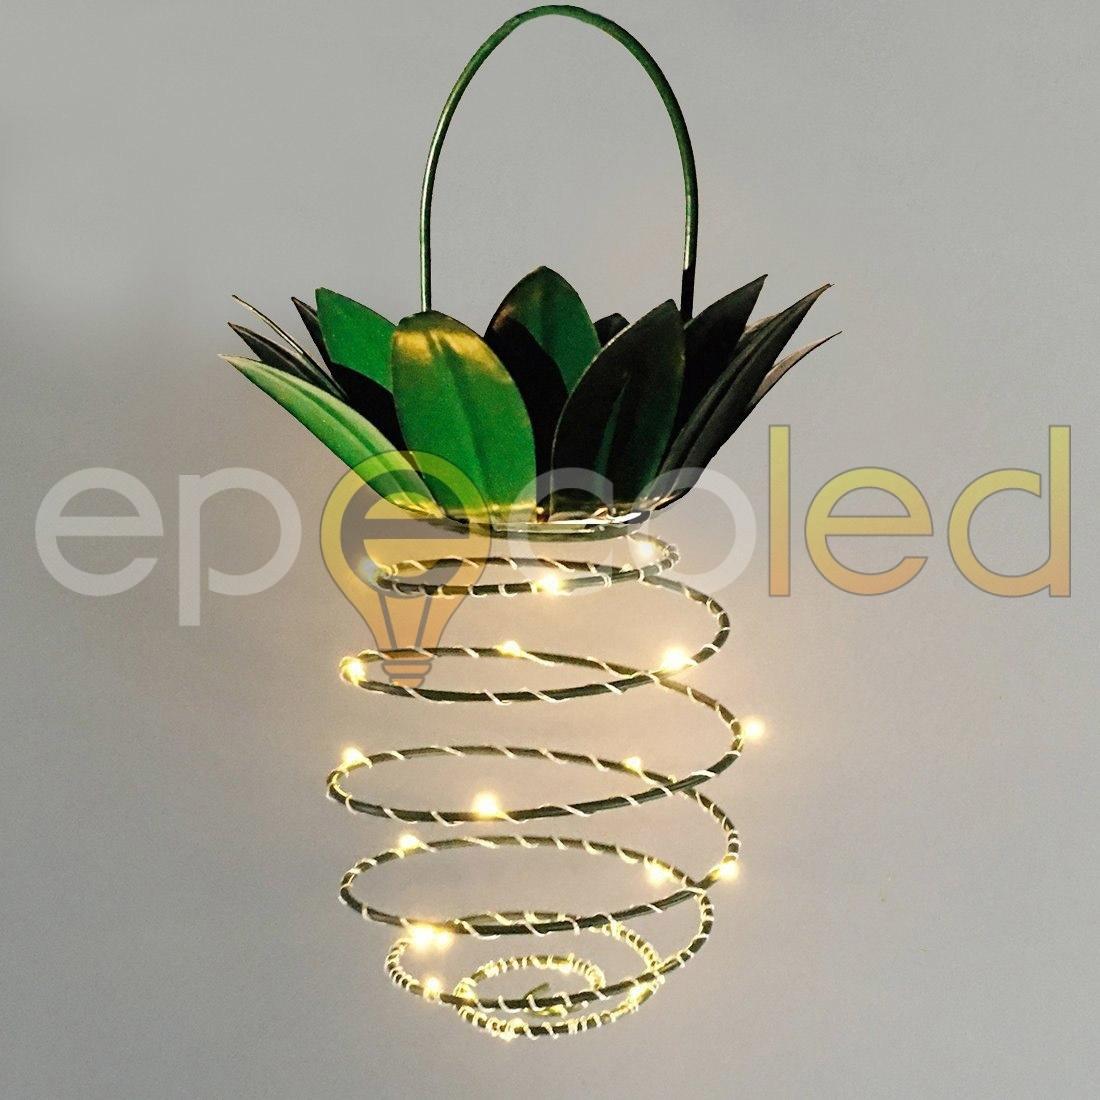 Светильник-ананас EPECOLED (на солнечной батарее, 25LED)